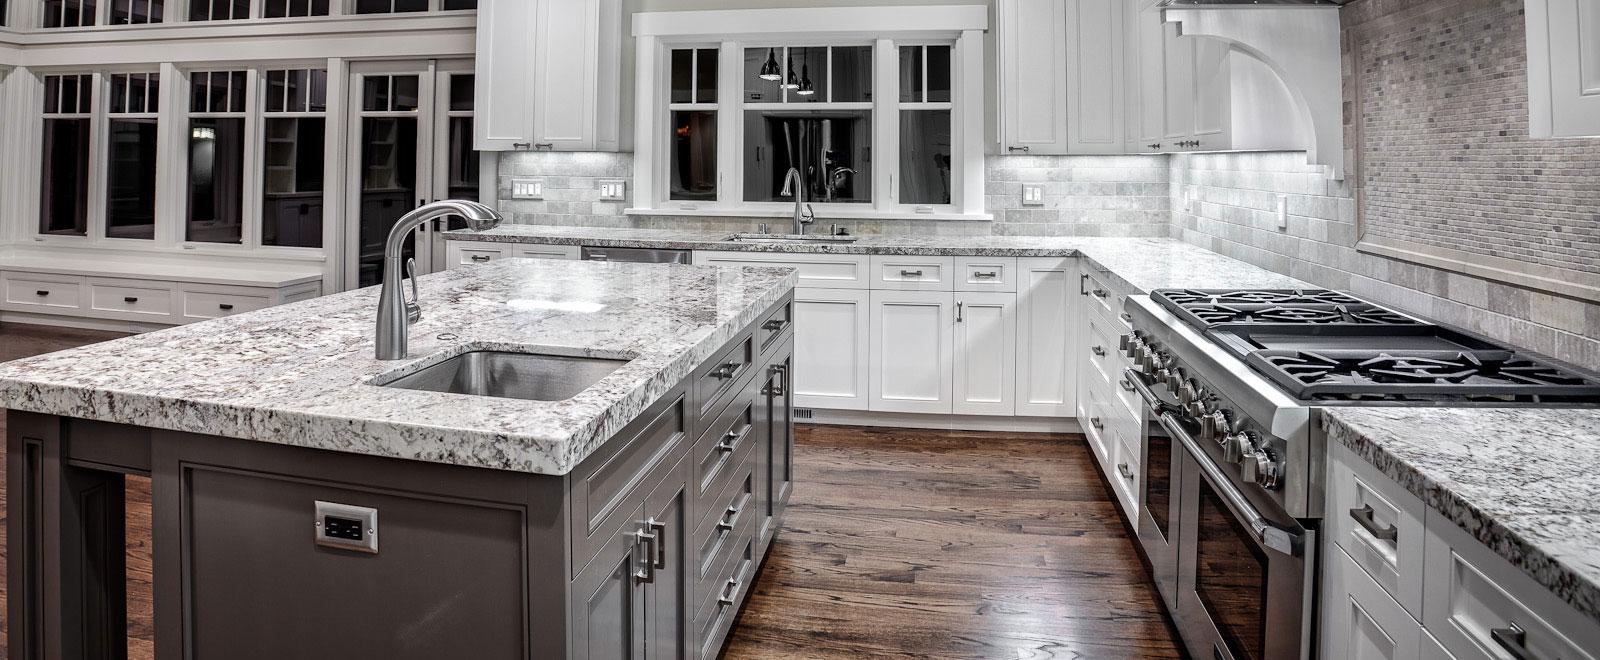 River White Granite Kitchen Granite Kitchen Countertops Inspiration Gallery